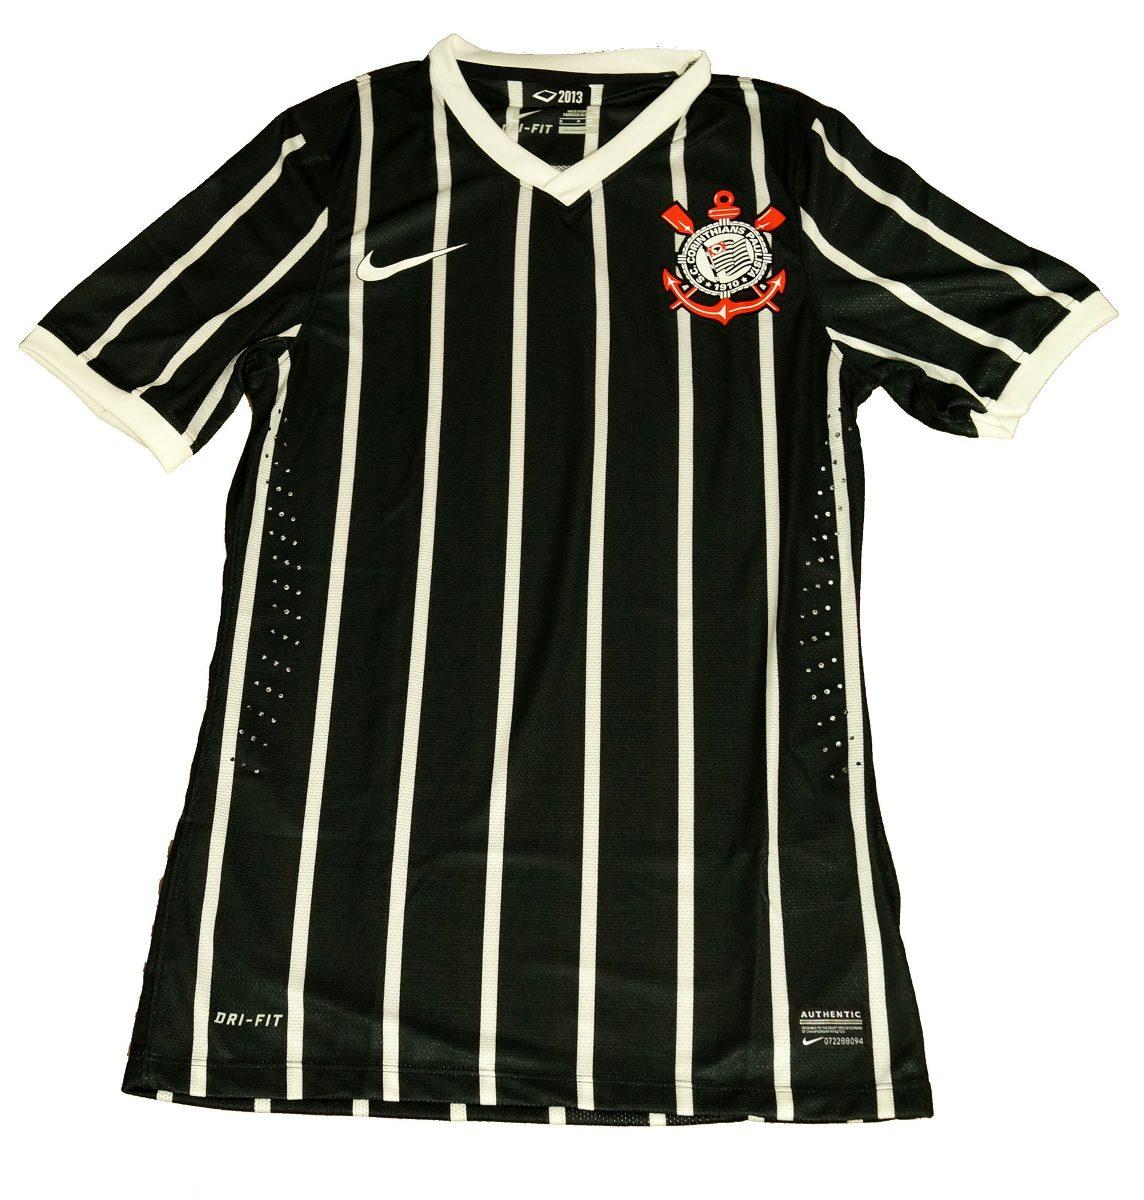 7cc31e5926 Camisa Nike Corinthians Modelo De Jogo